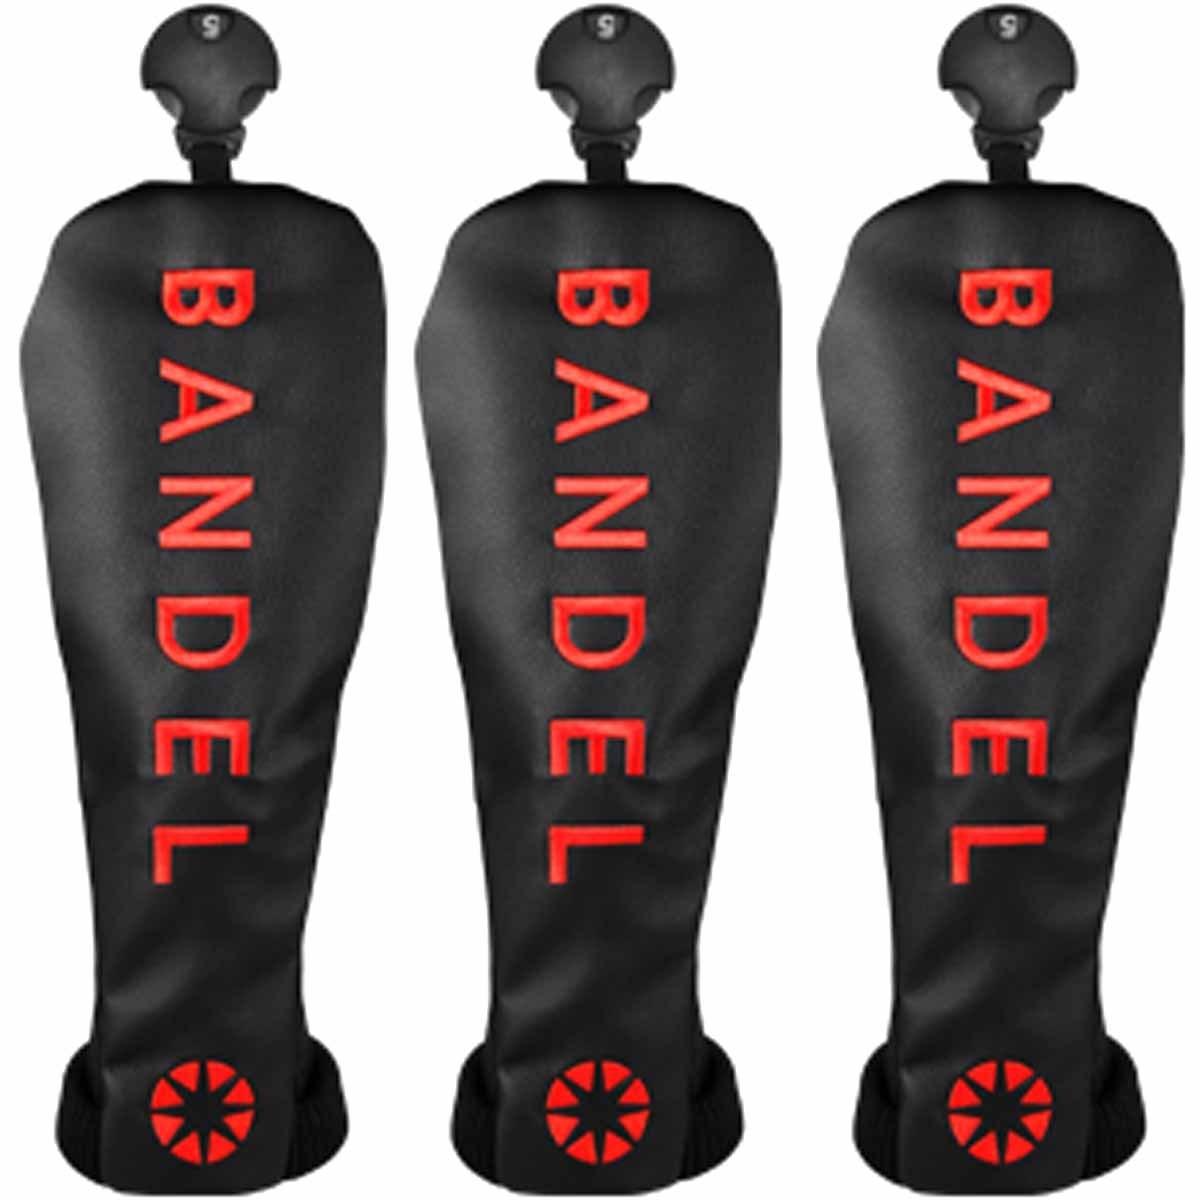 バンデル ゴルフヘッドカバー UT用 3個セット